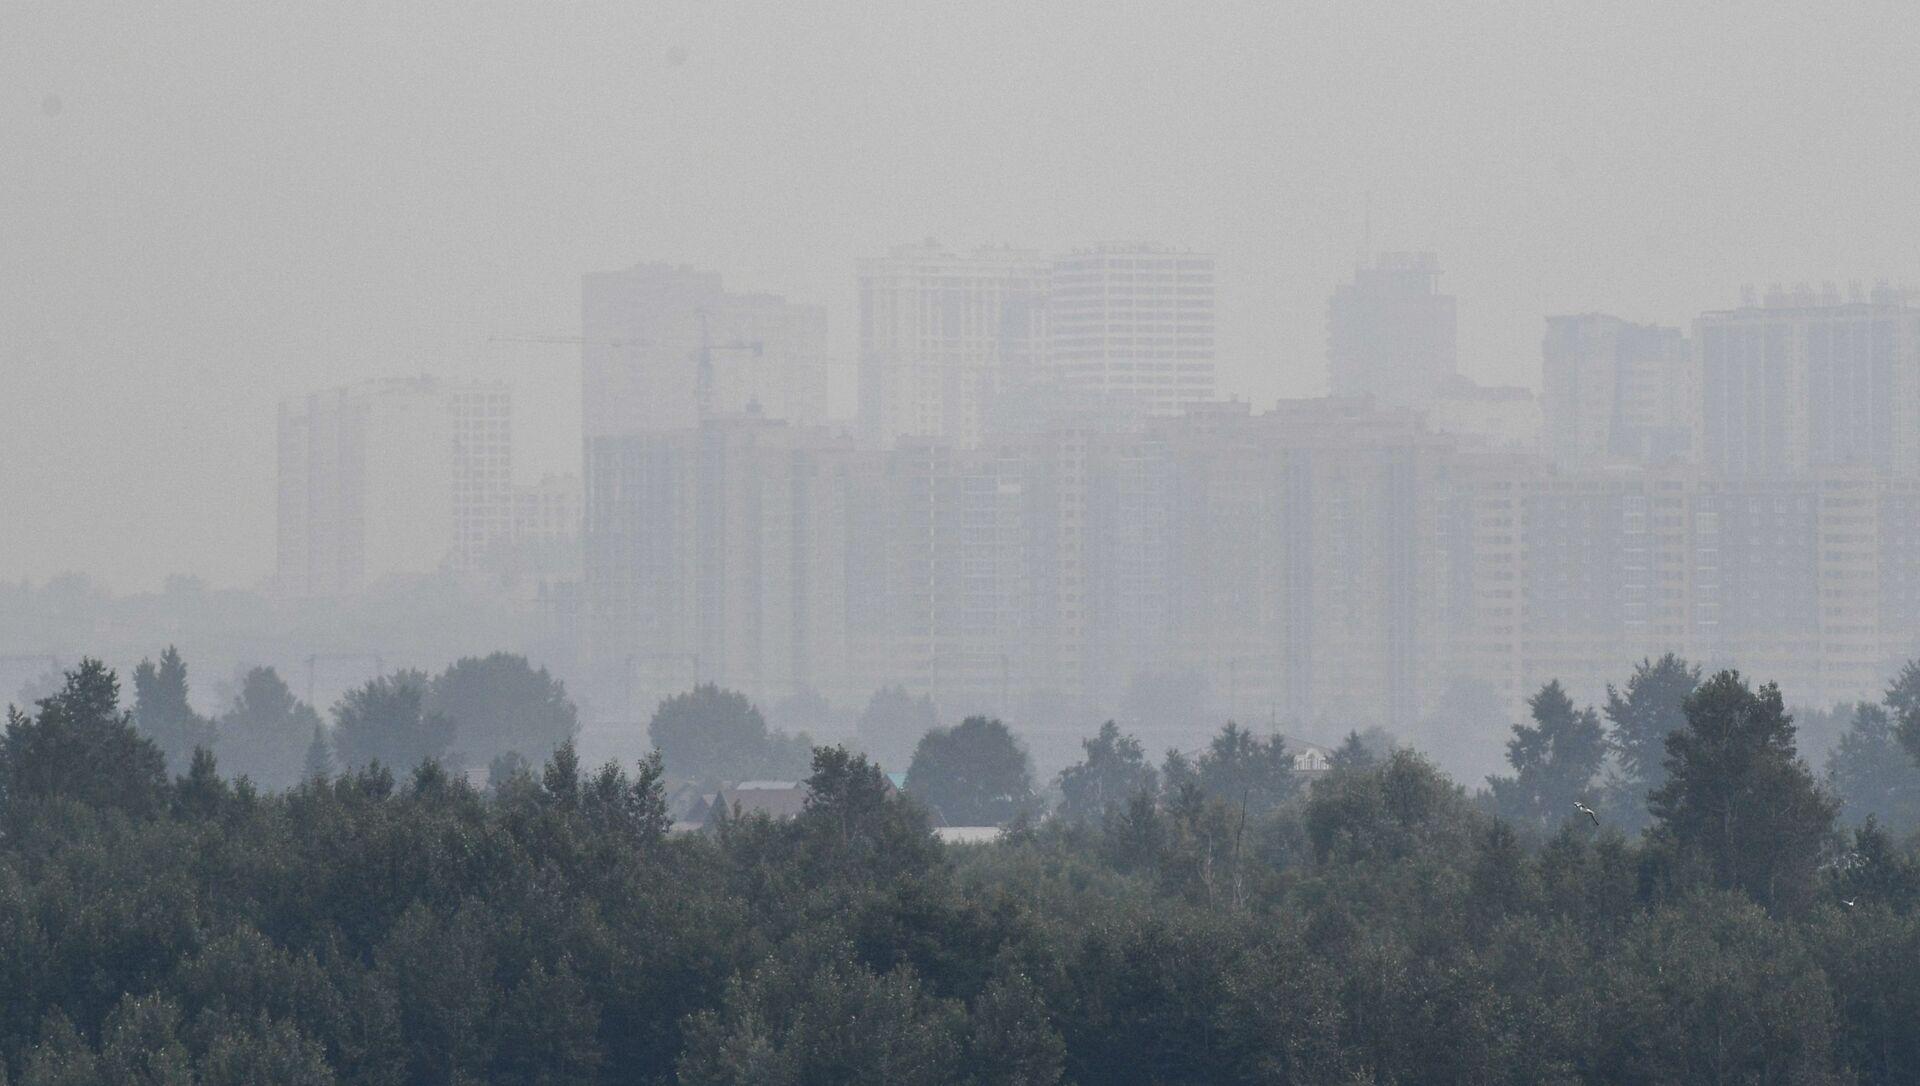 Smog w Nowosybirsku spowodowany pożarami lasów w Kraju Krasnojarskim - Sputnik Polska, 1920, 15.06.2021